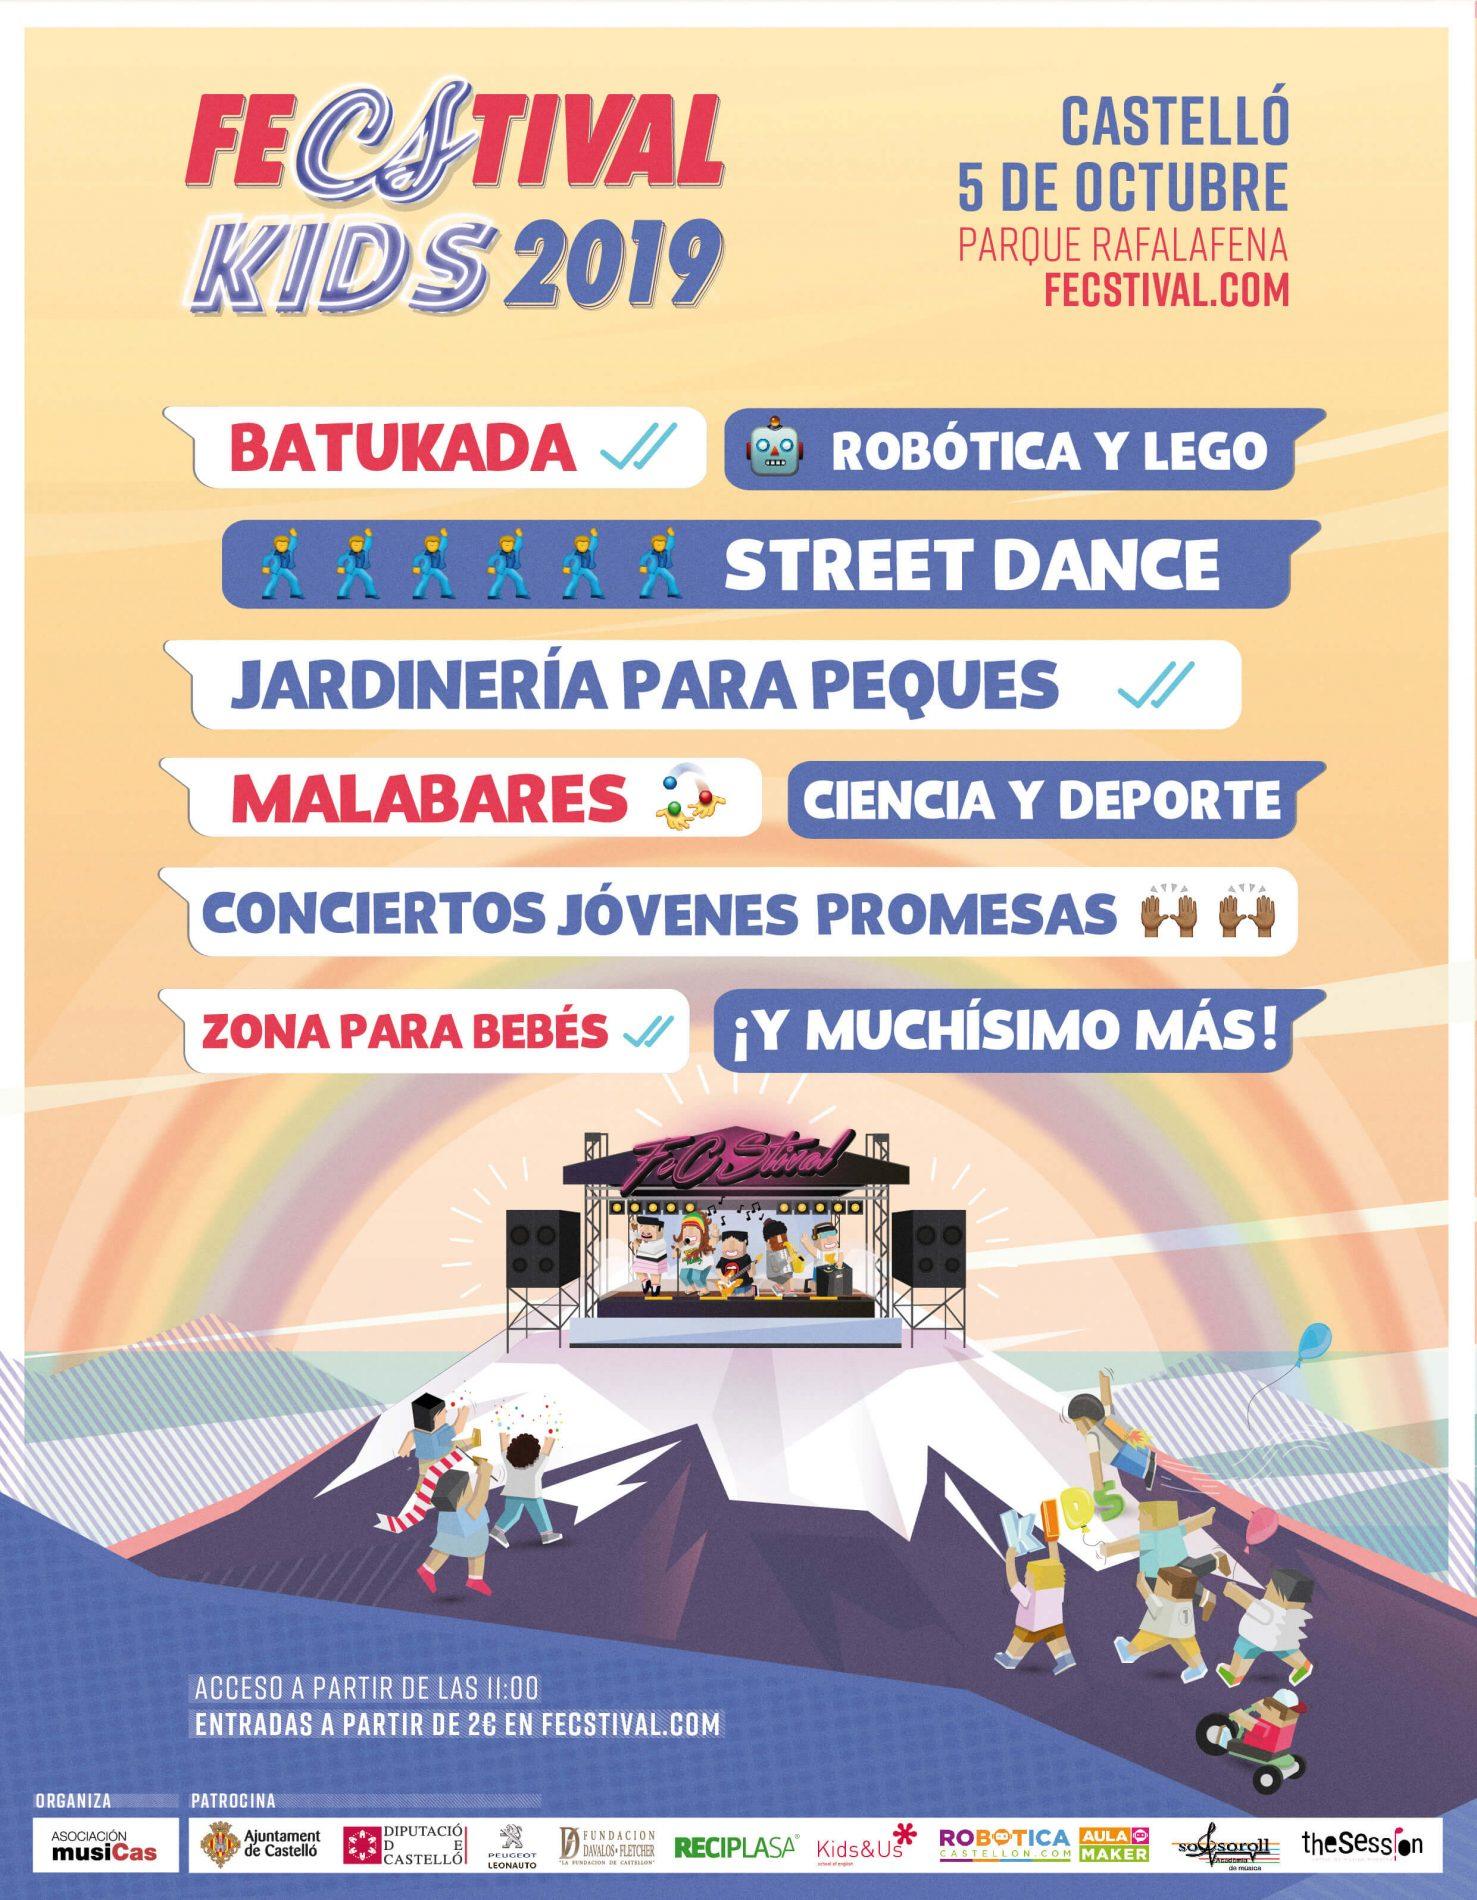 FECSTIVAL-2019-kids-1-1